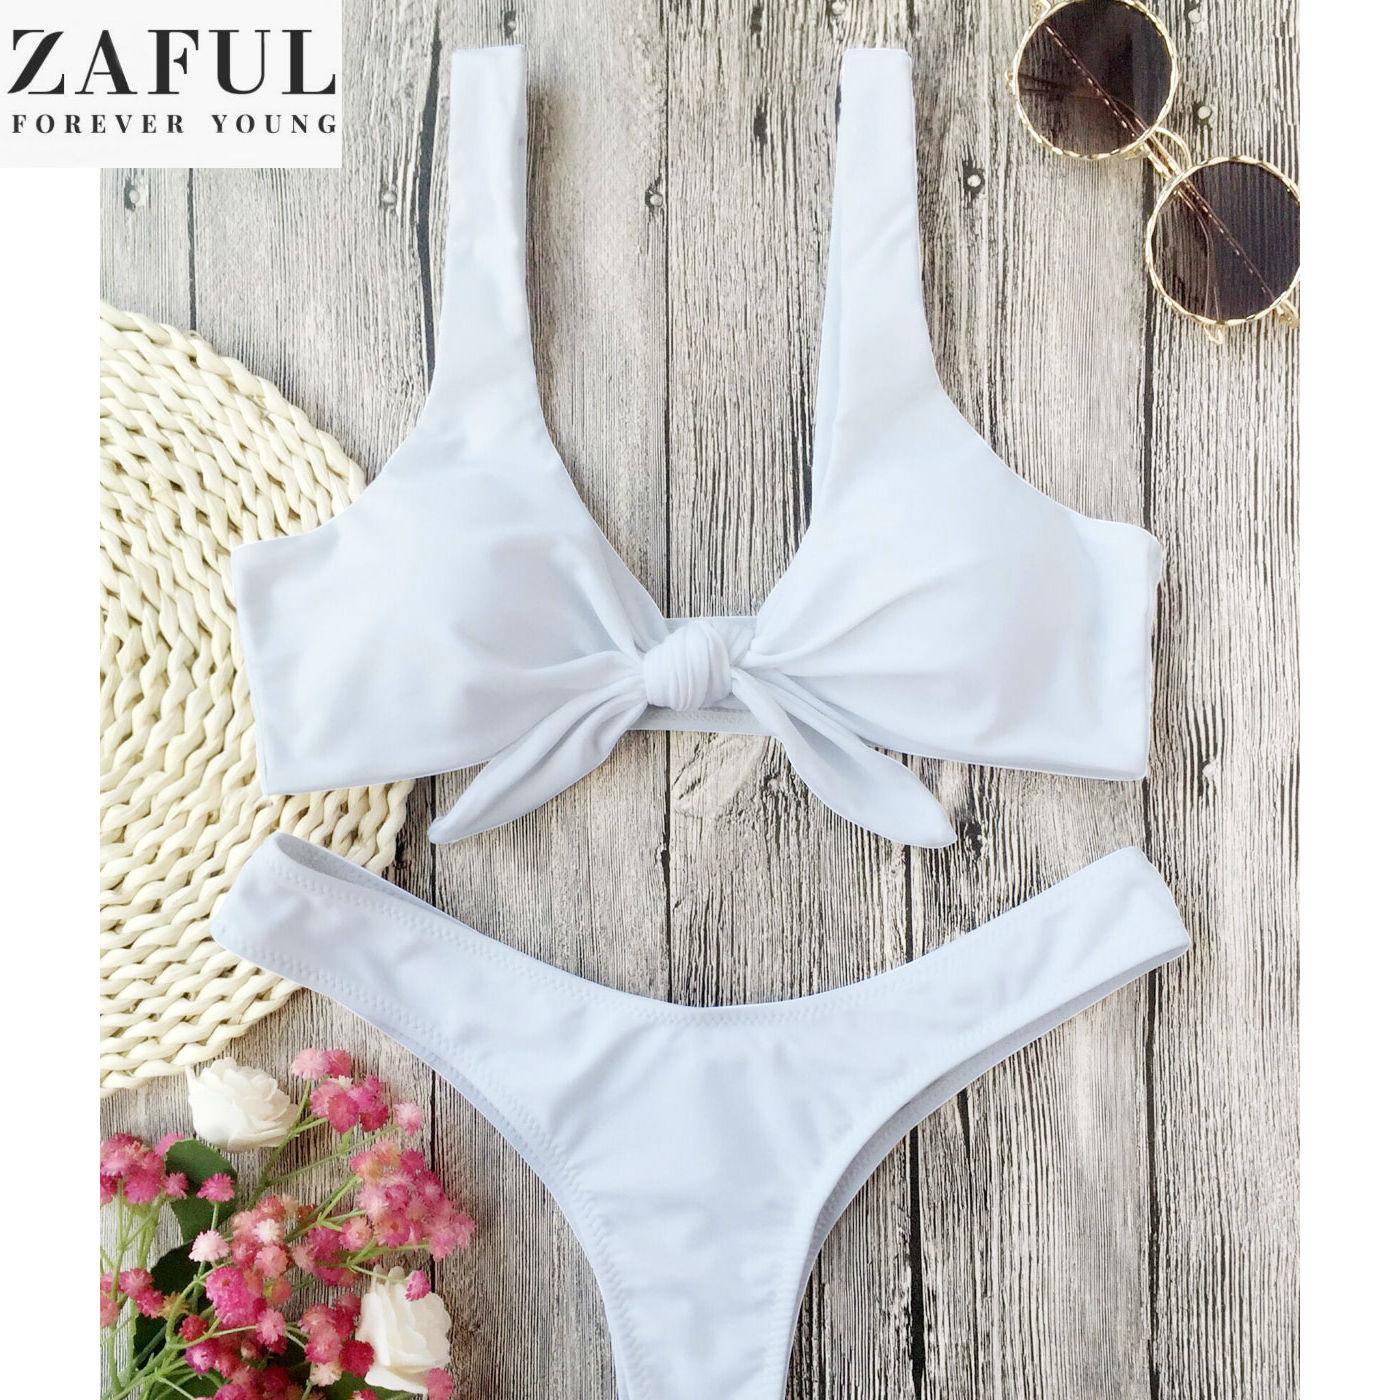 8c6a78fa5528a ZAFUL Fashion Girl Summer Holiday Scoop Neck Knotted Padded Thong Bikini  Beach Swimwear Sun Bar Bathing